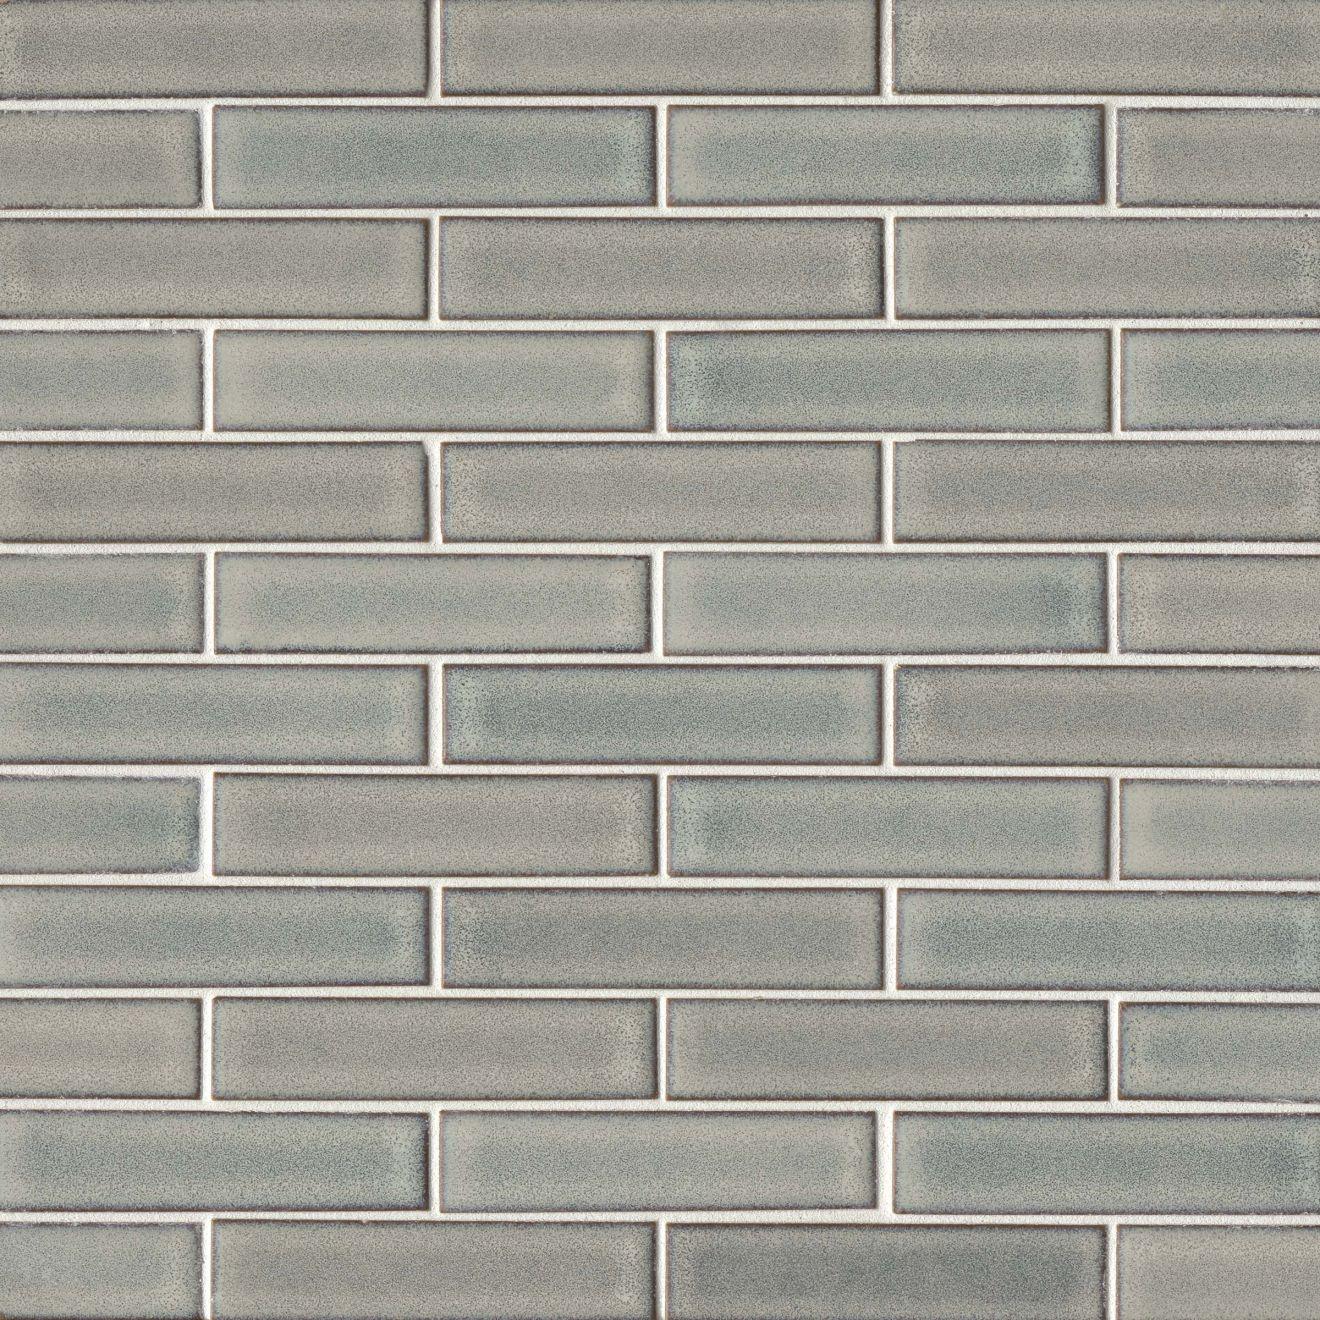 """Seni 1"""" x 4"""" Floor & Wall Mosaic in Grey"""